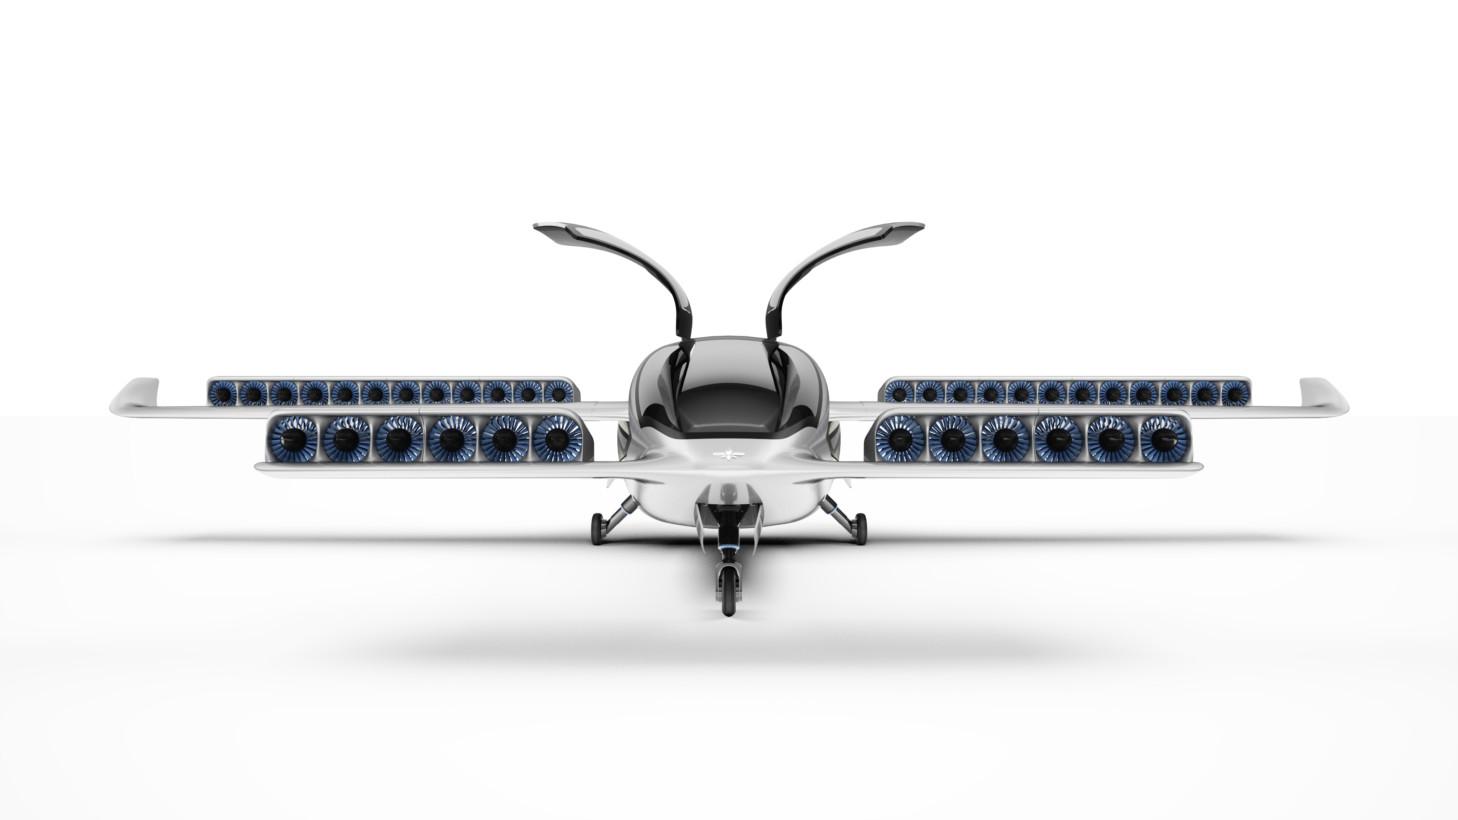 Вот он, первый электрический пассажирский самолет!